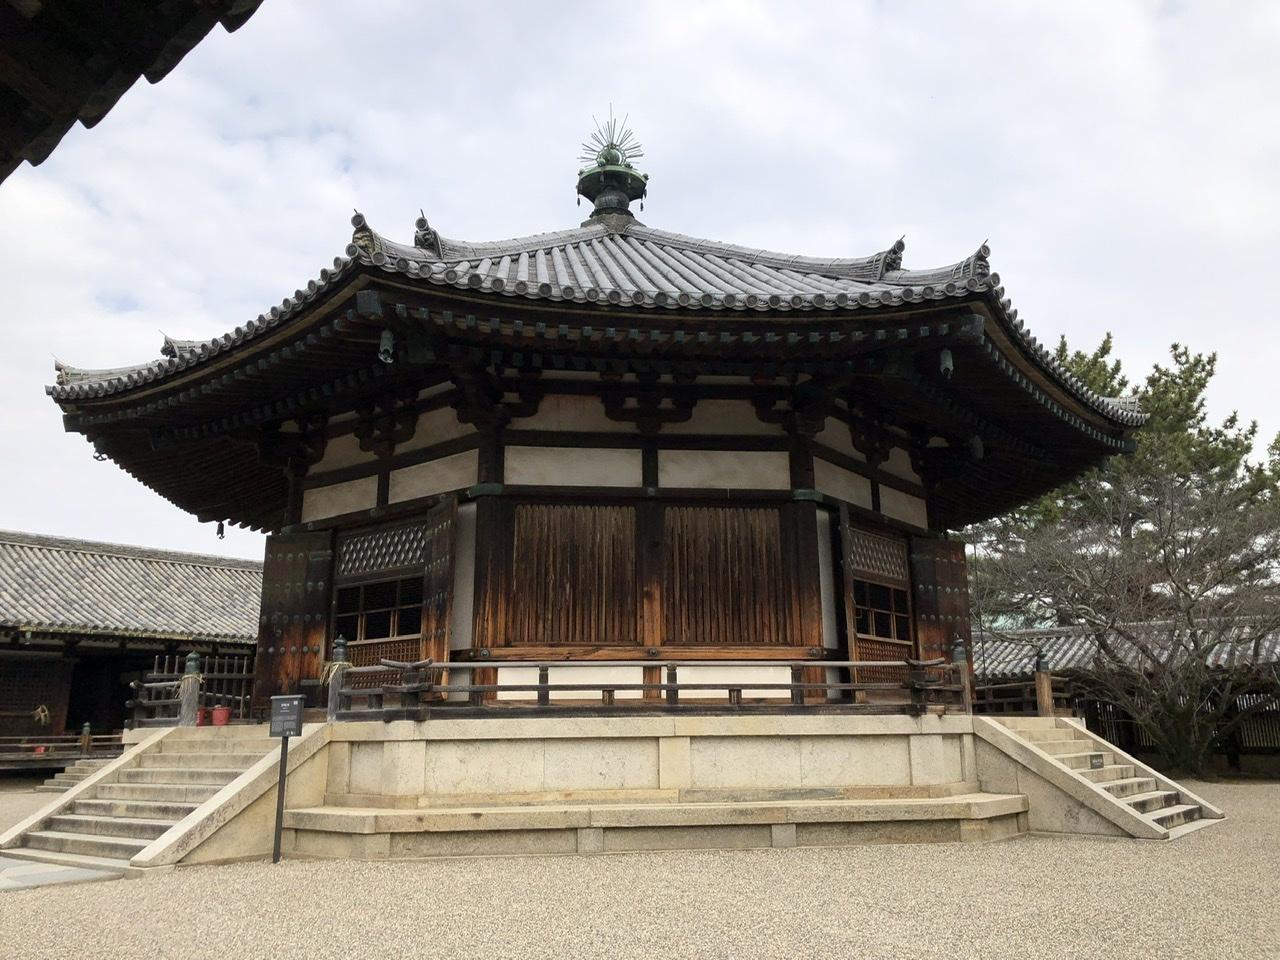 奈良の旅 16  法隆寺夢殿_a0092659_15245045.jpeg